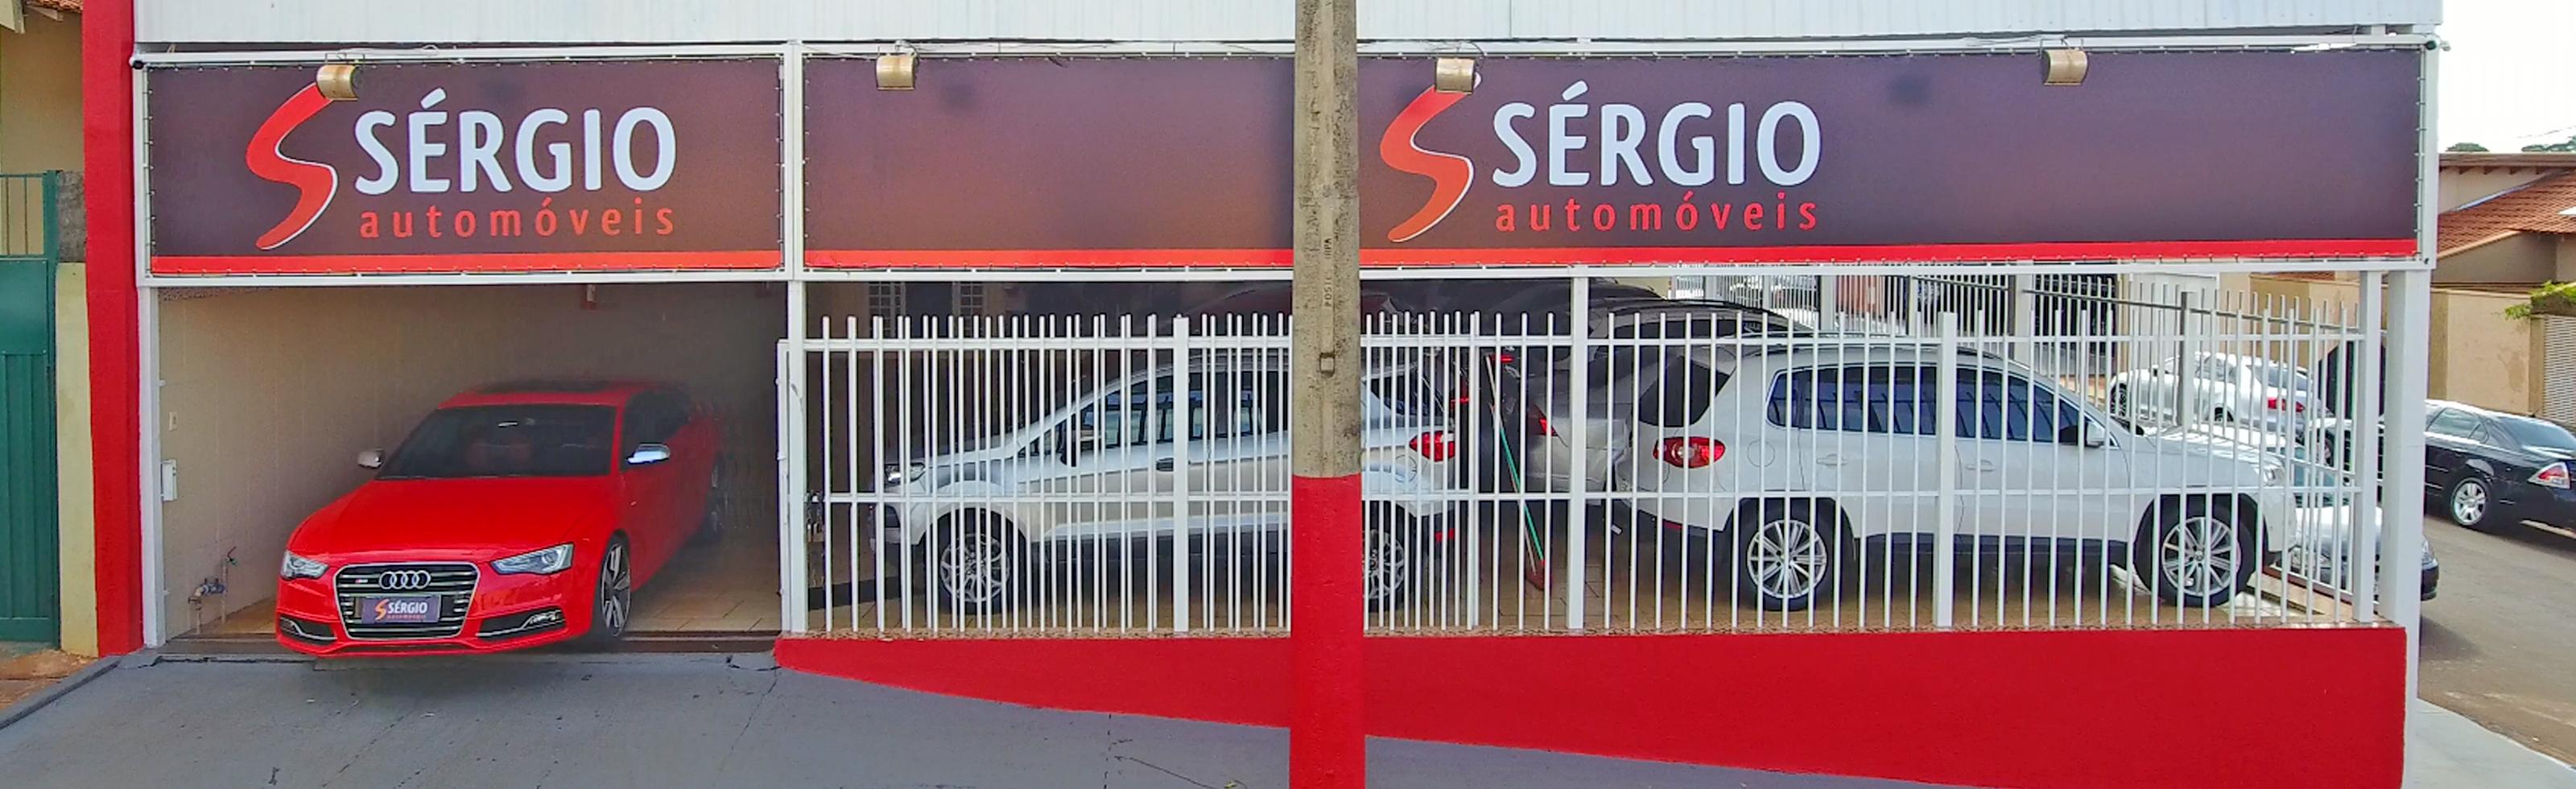 Sérgio Automóveis - Fachada Imagem2